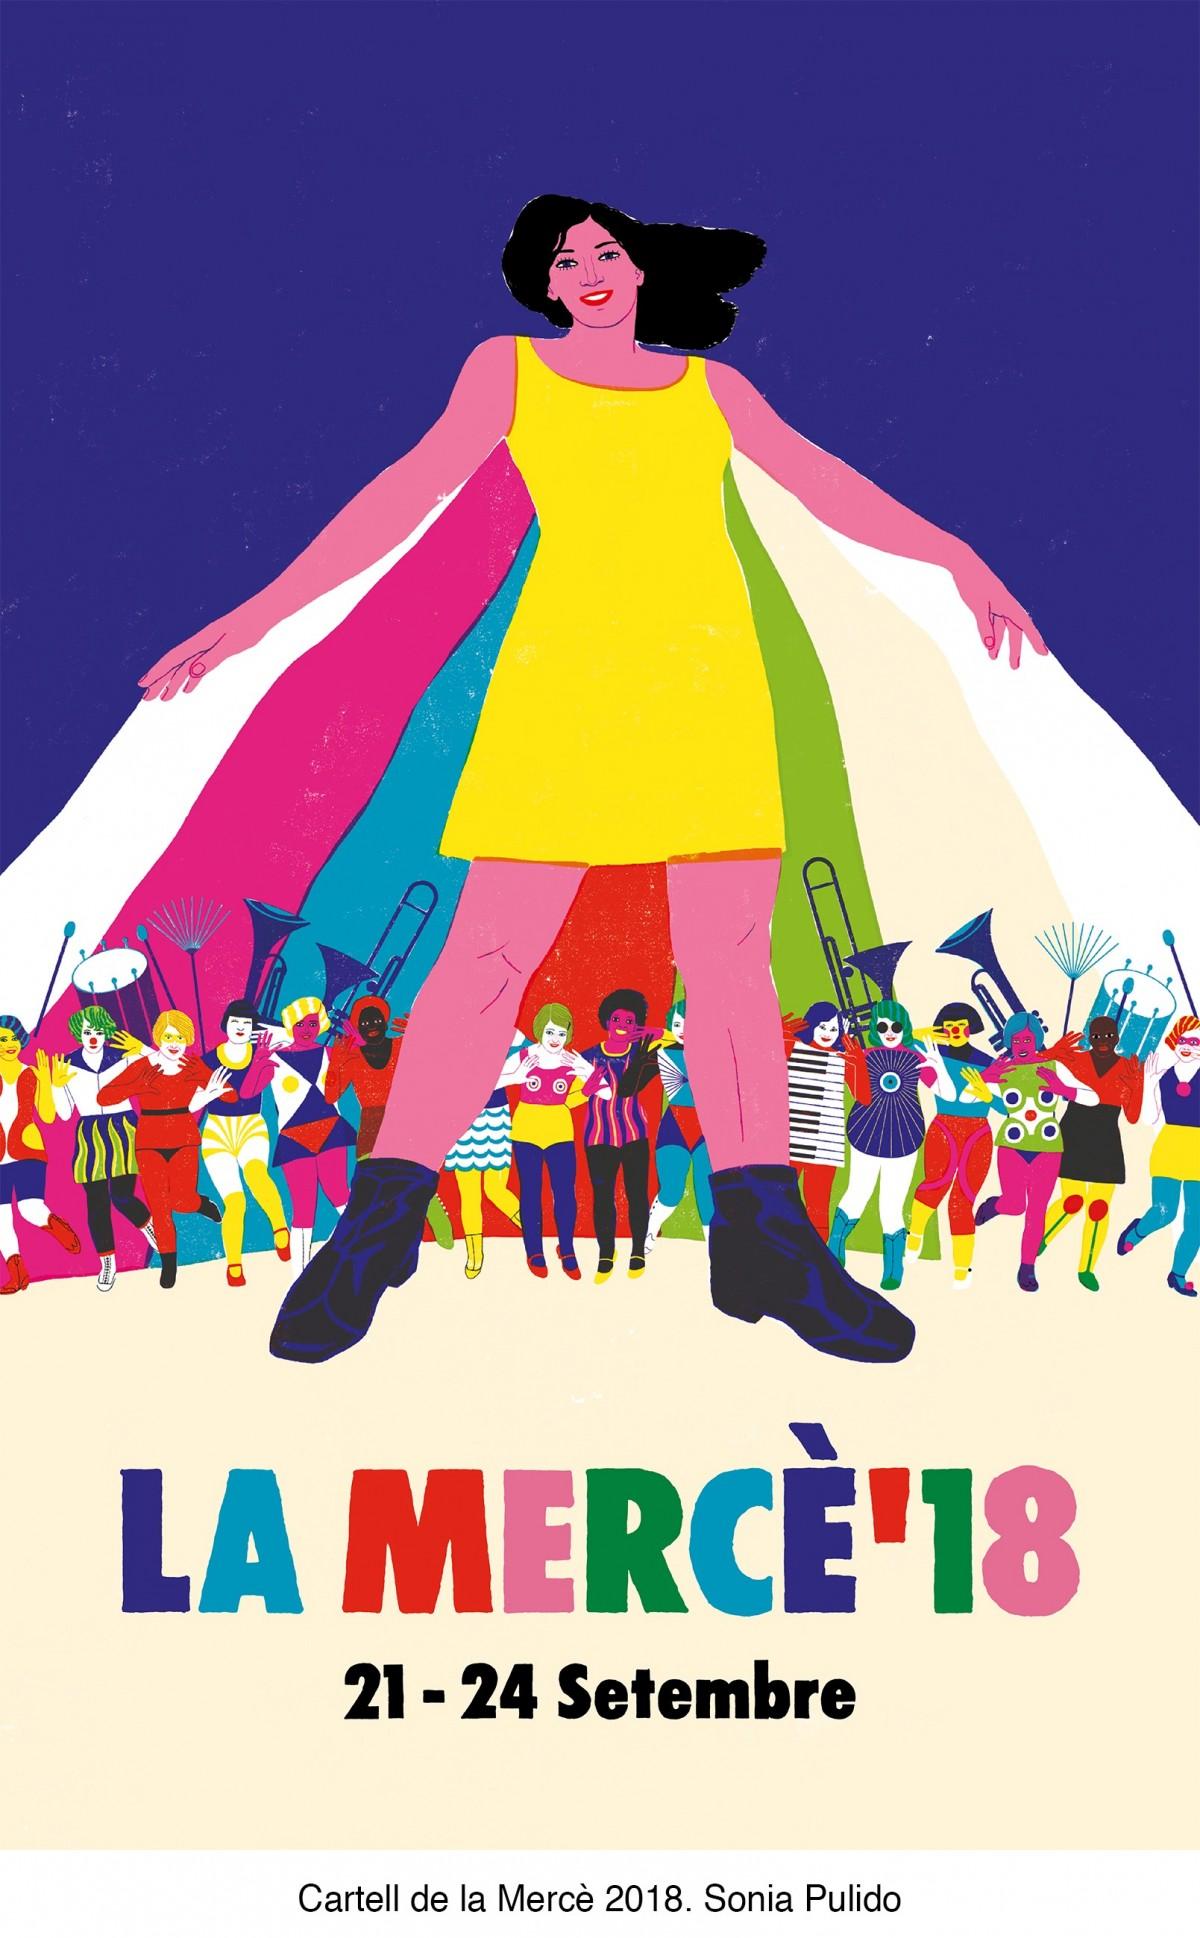 CARTELL DE LA MERCÈ 2018